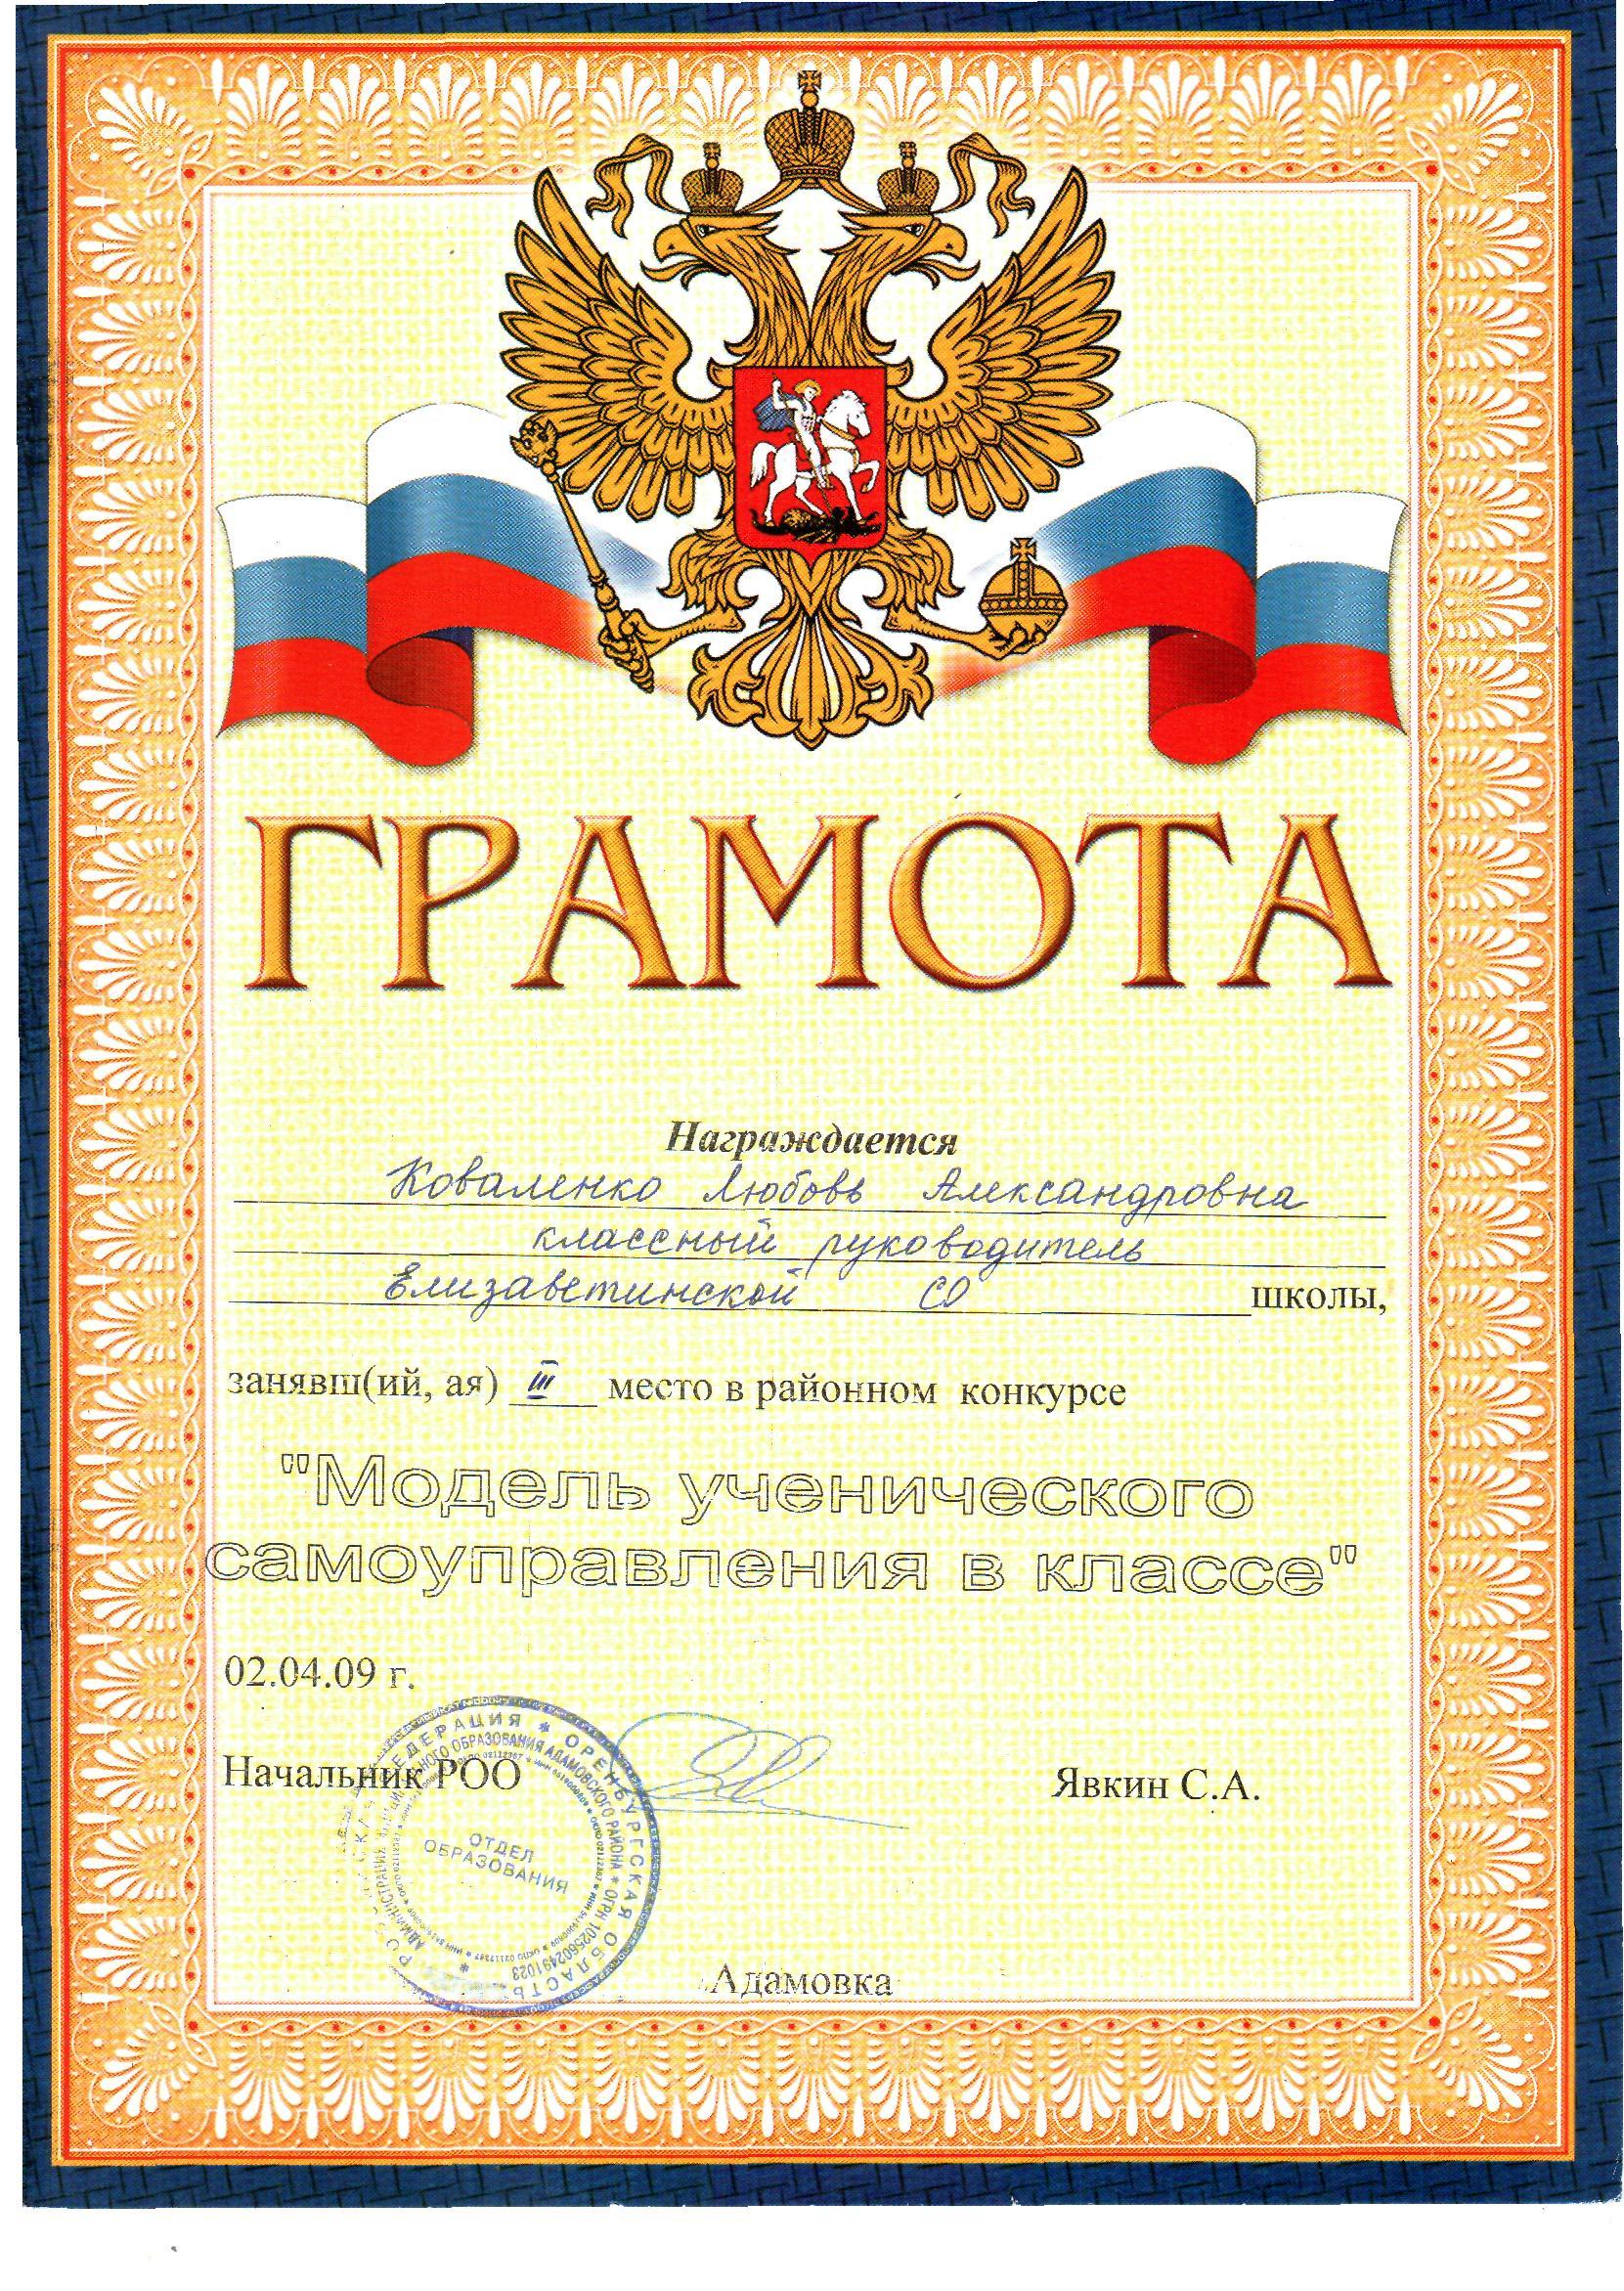 F:\грамоты\sergei_752@mail.ru\helios84@mail.ru\коваленко0009.jpg